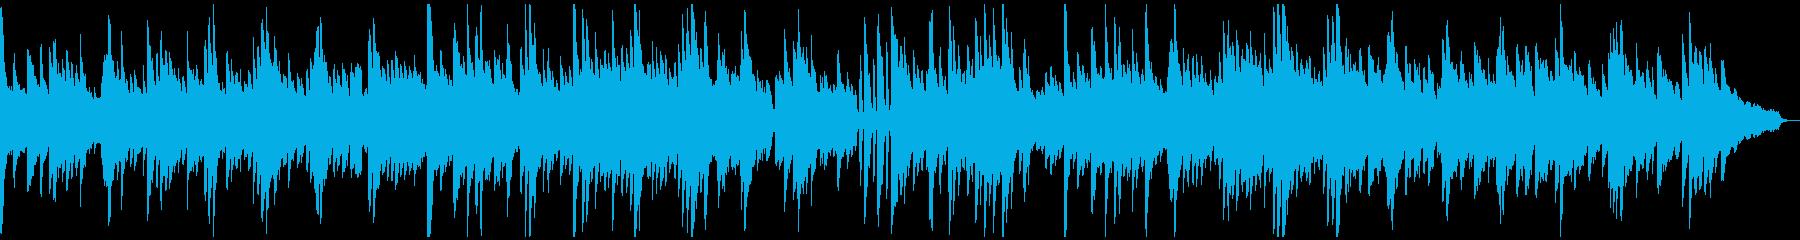 切ないクラシカルなピアノソロの再生済みの波形